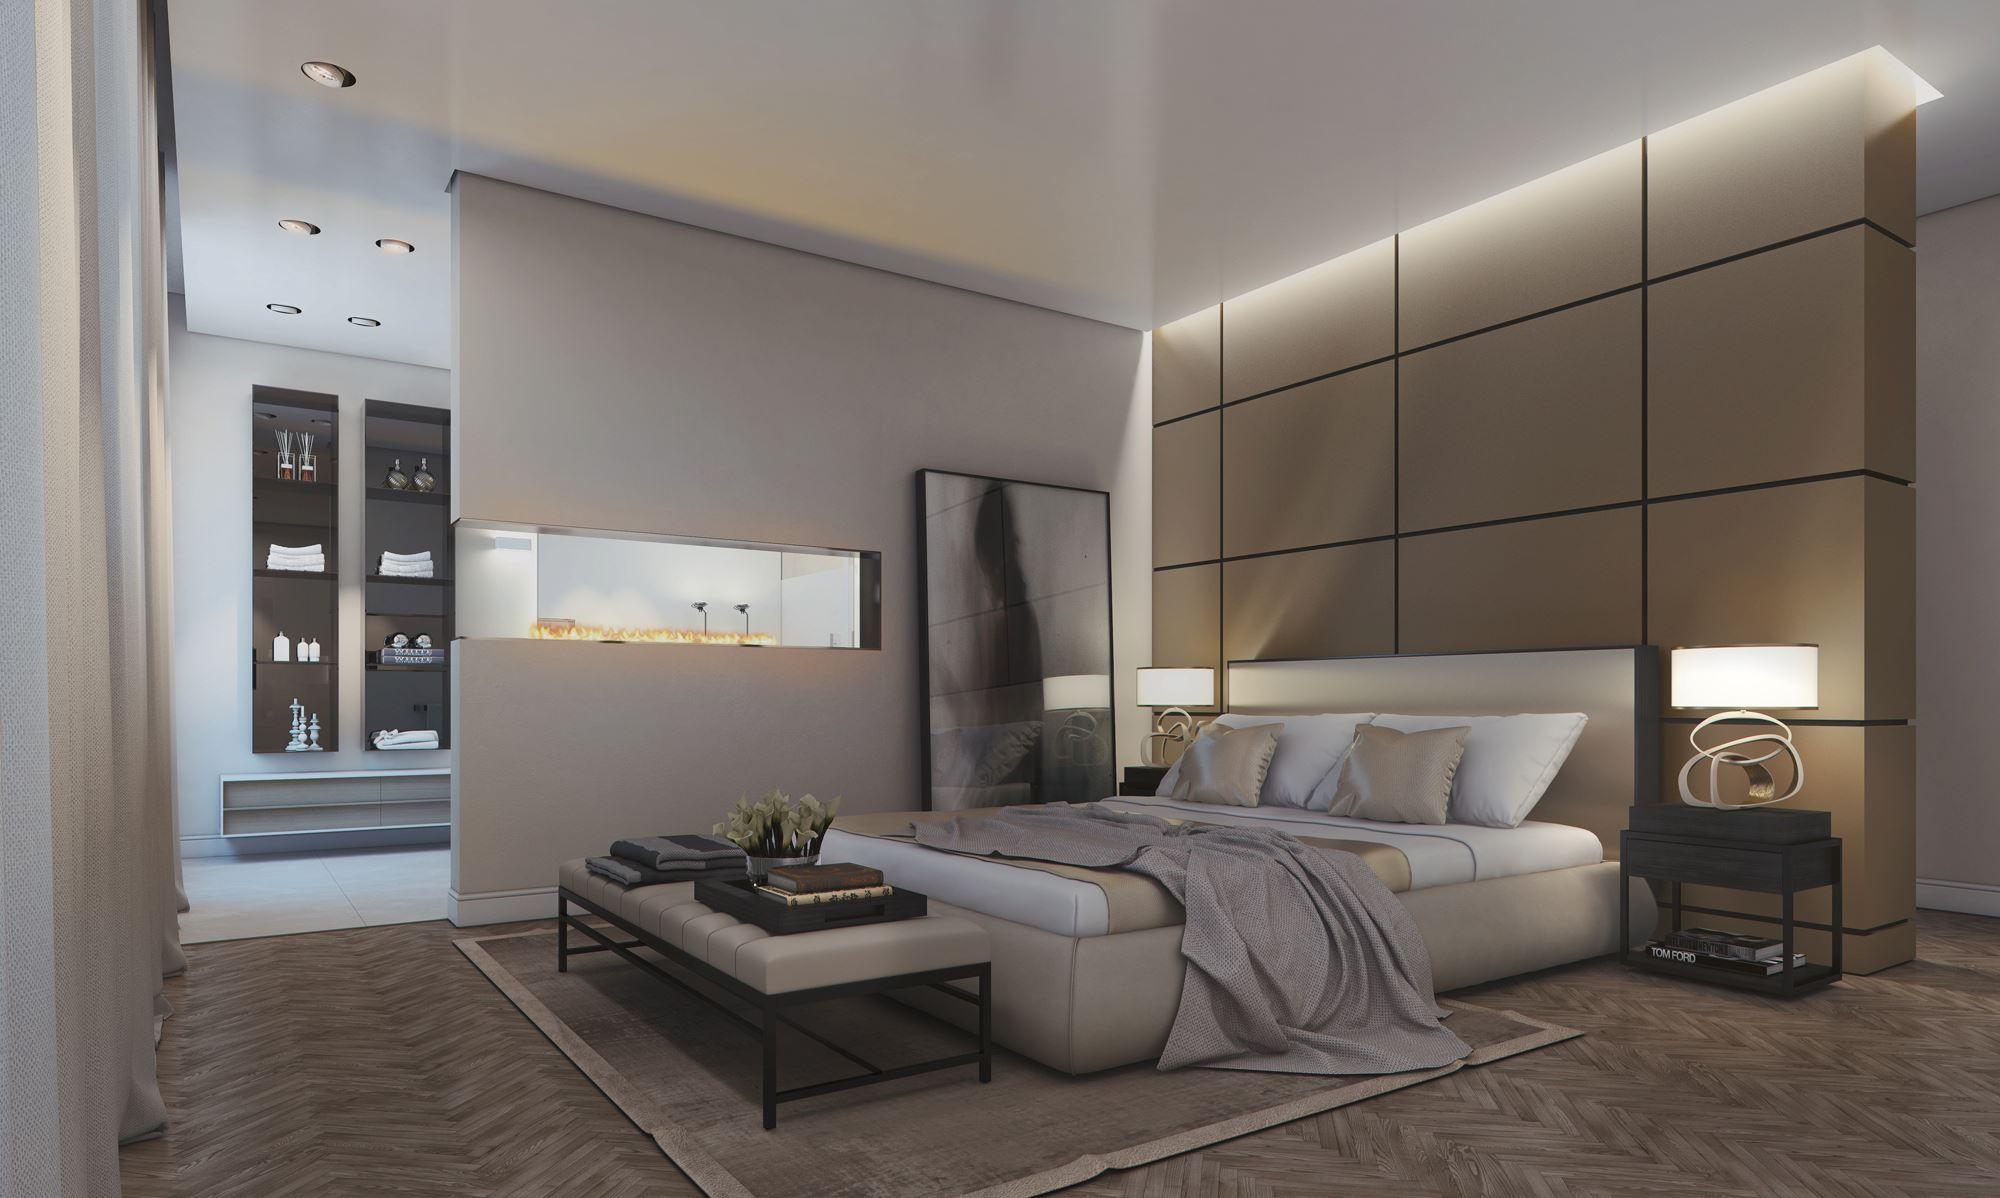 Flat ideas Penthouse in Berlin by